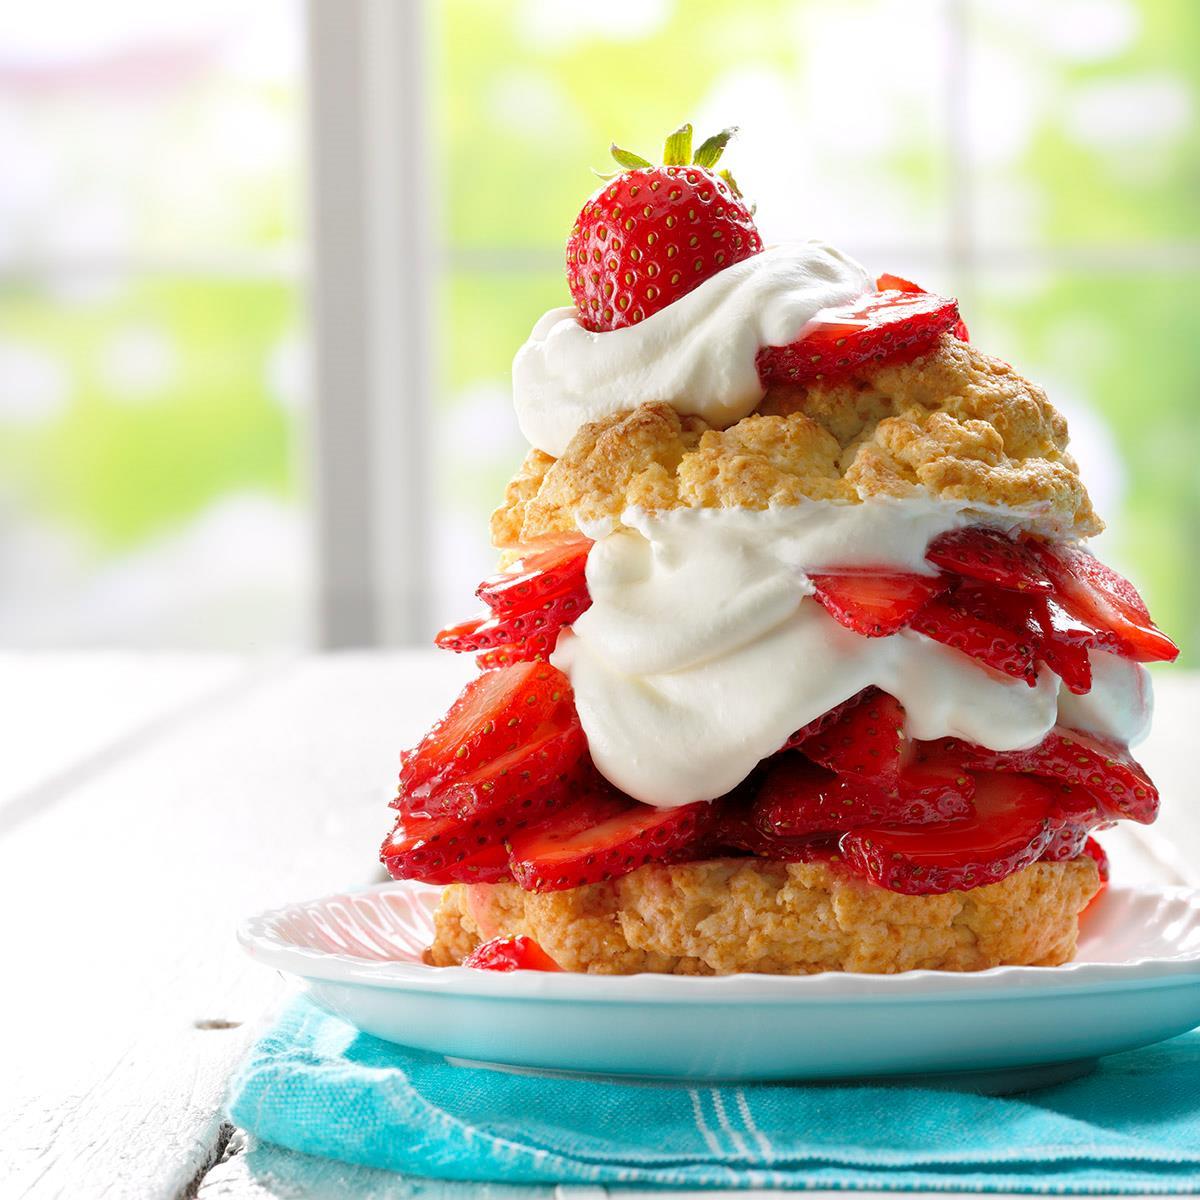 Grandma's Old-Fashioned Strawberry Shortcake Recipe